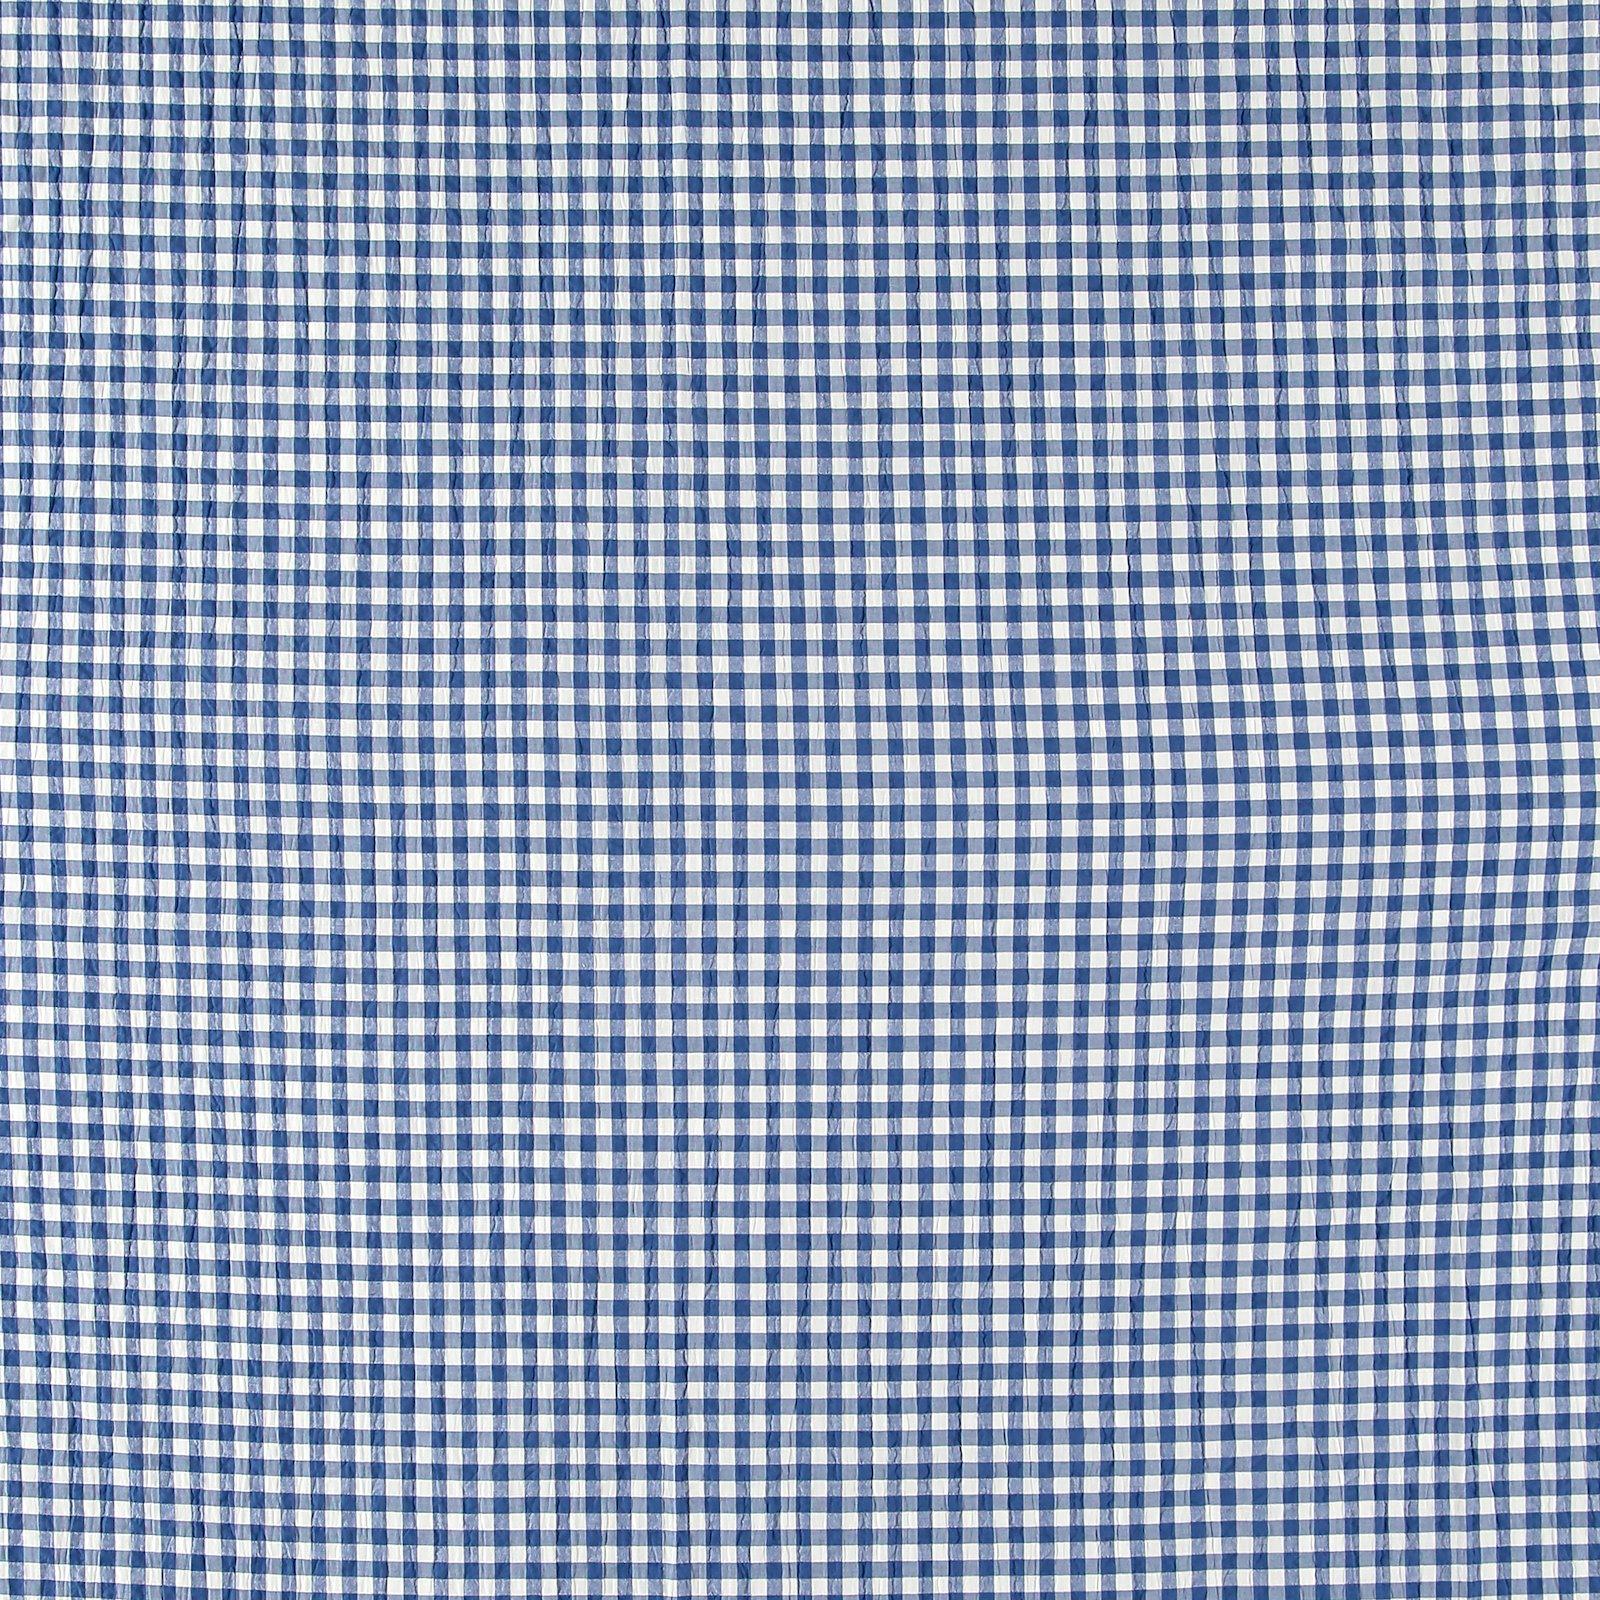 Seersucker blue yarn dyed check 510958_pack_sp